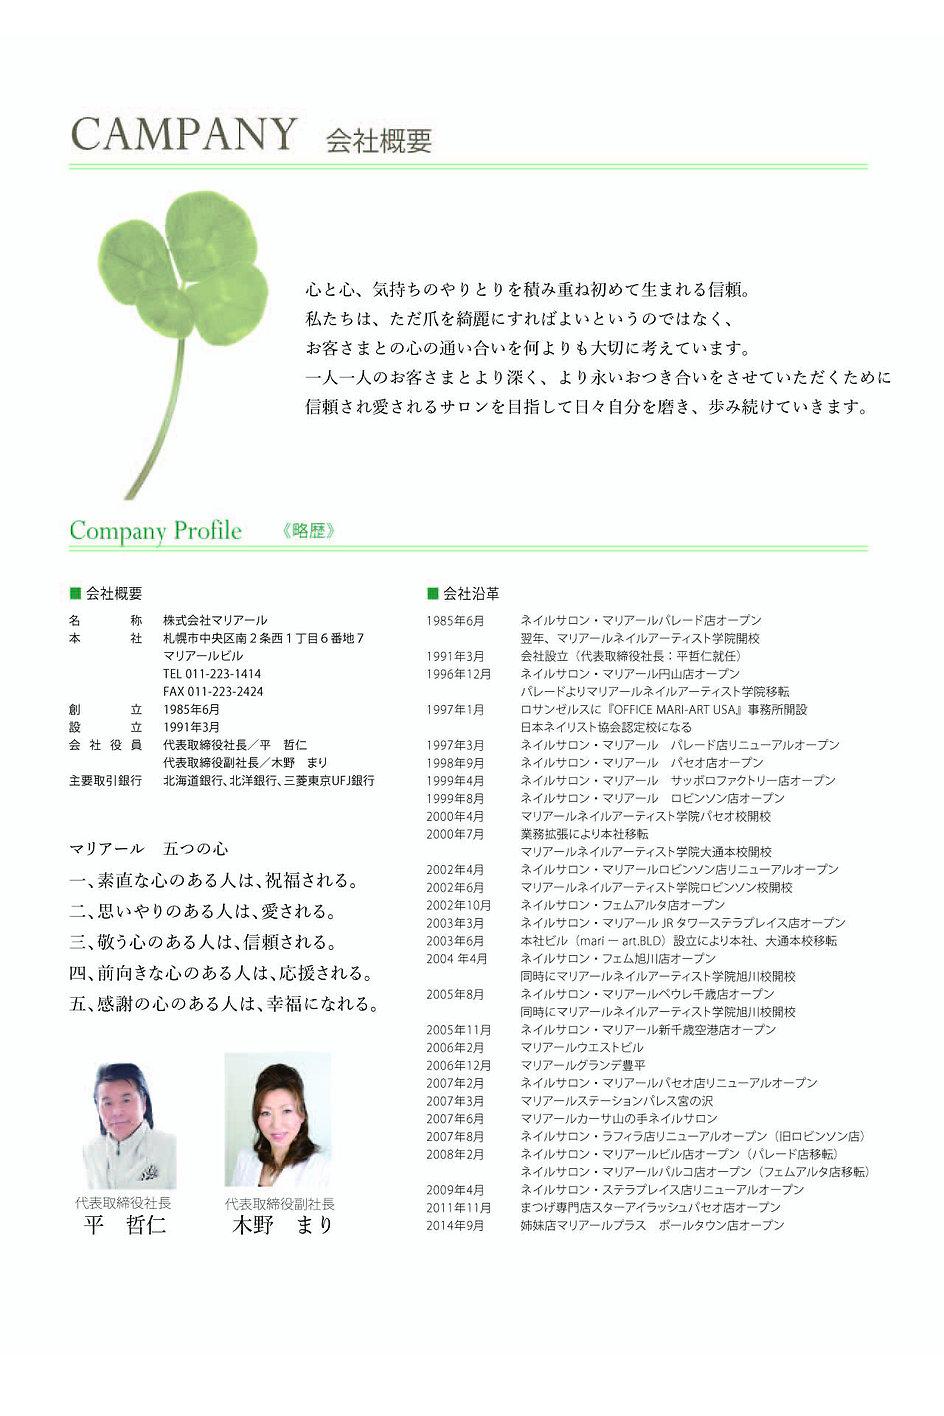 株式会社マリアール沿革